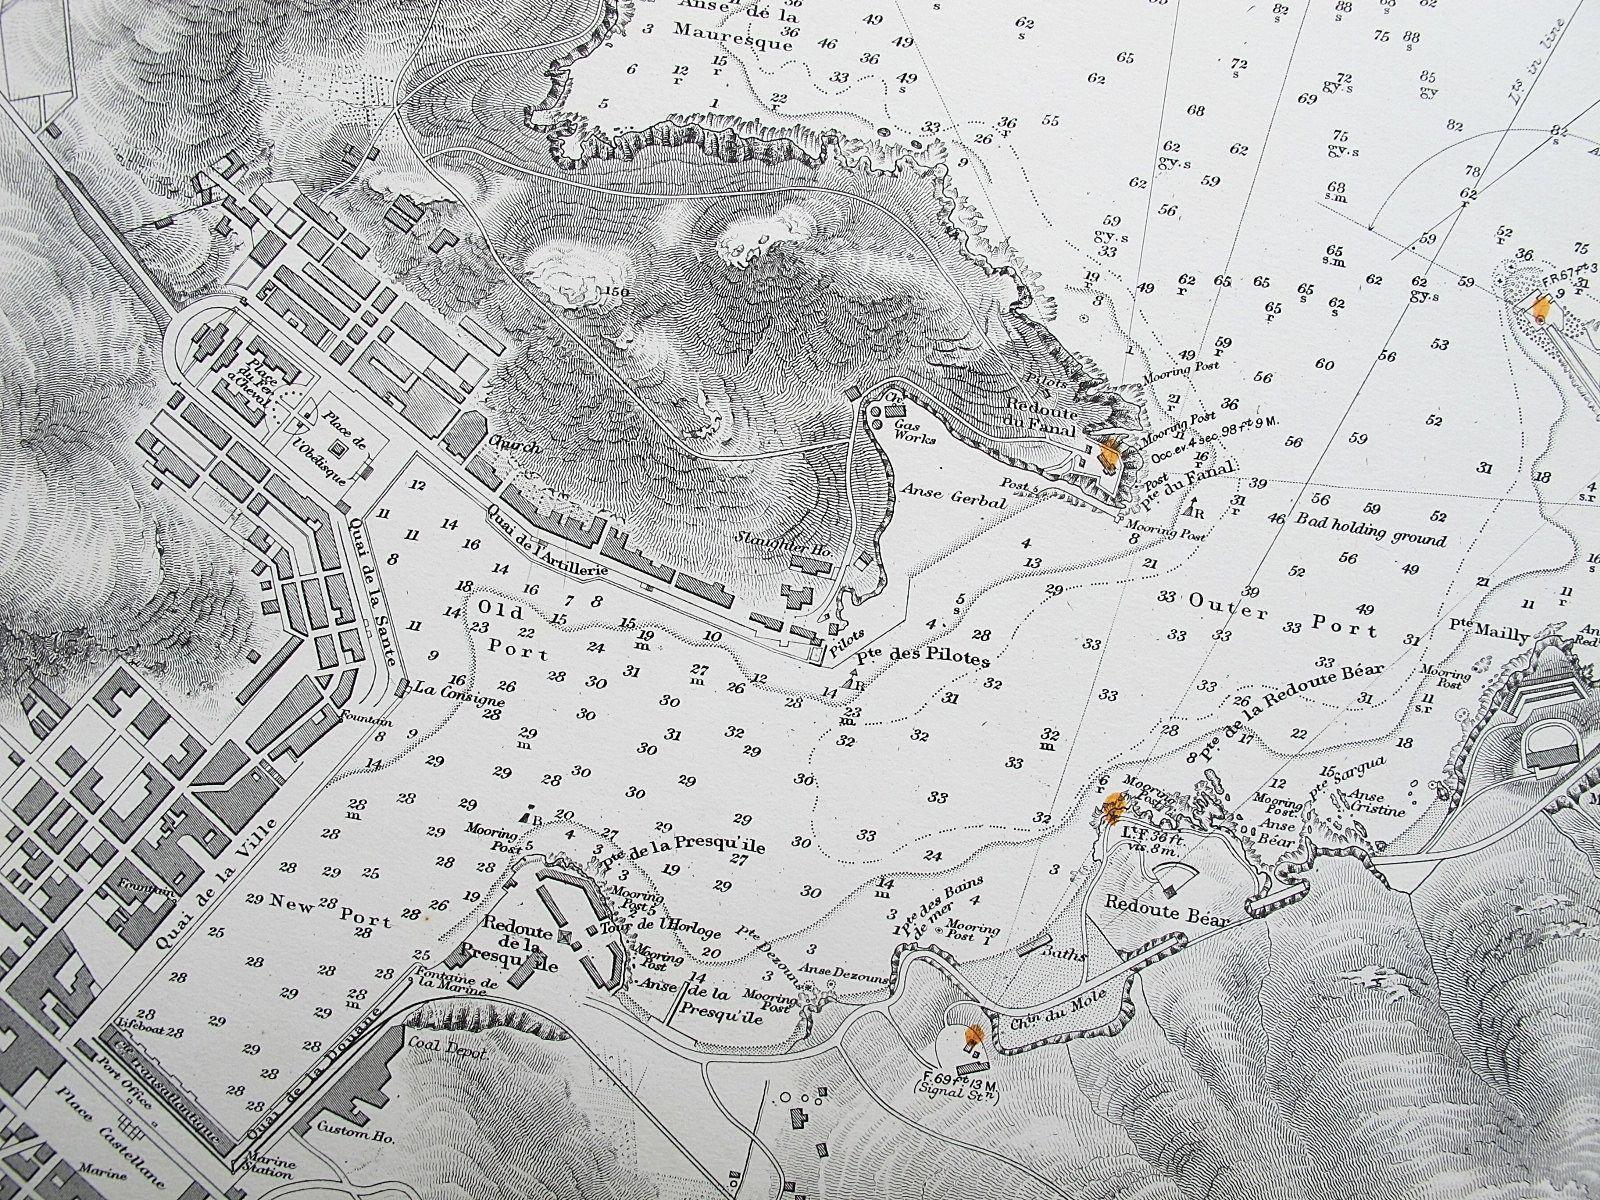 1842 FRANCE PORT & ROADSTEAD OF PORT-VENDRES